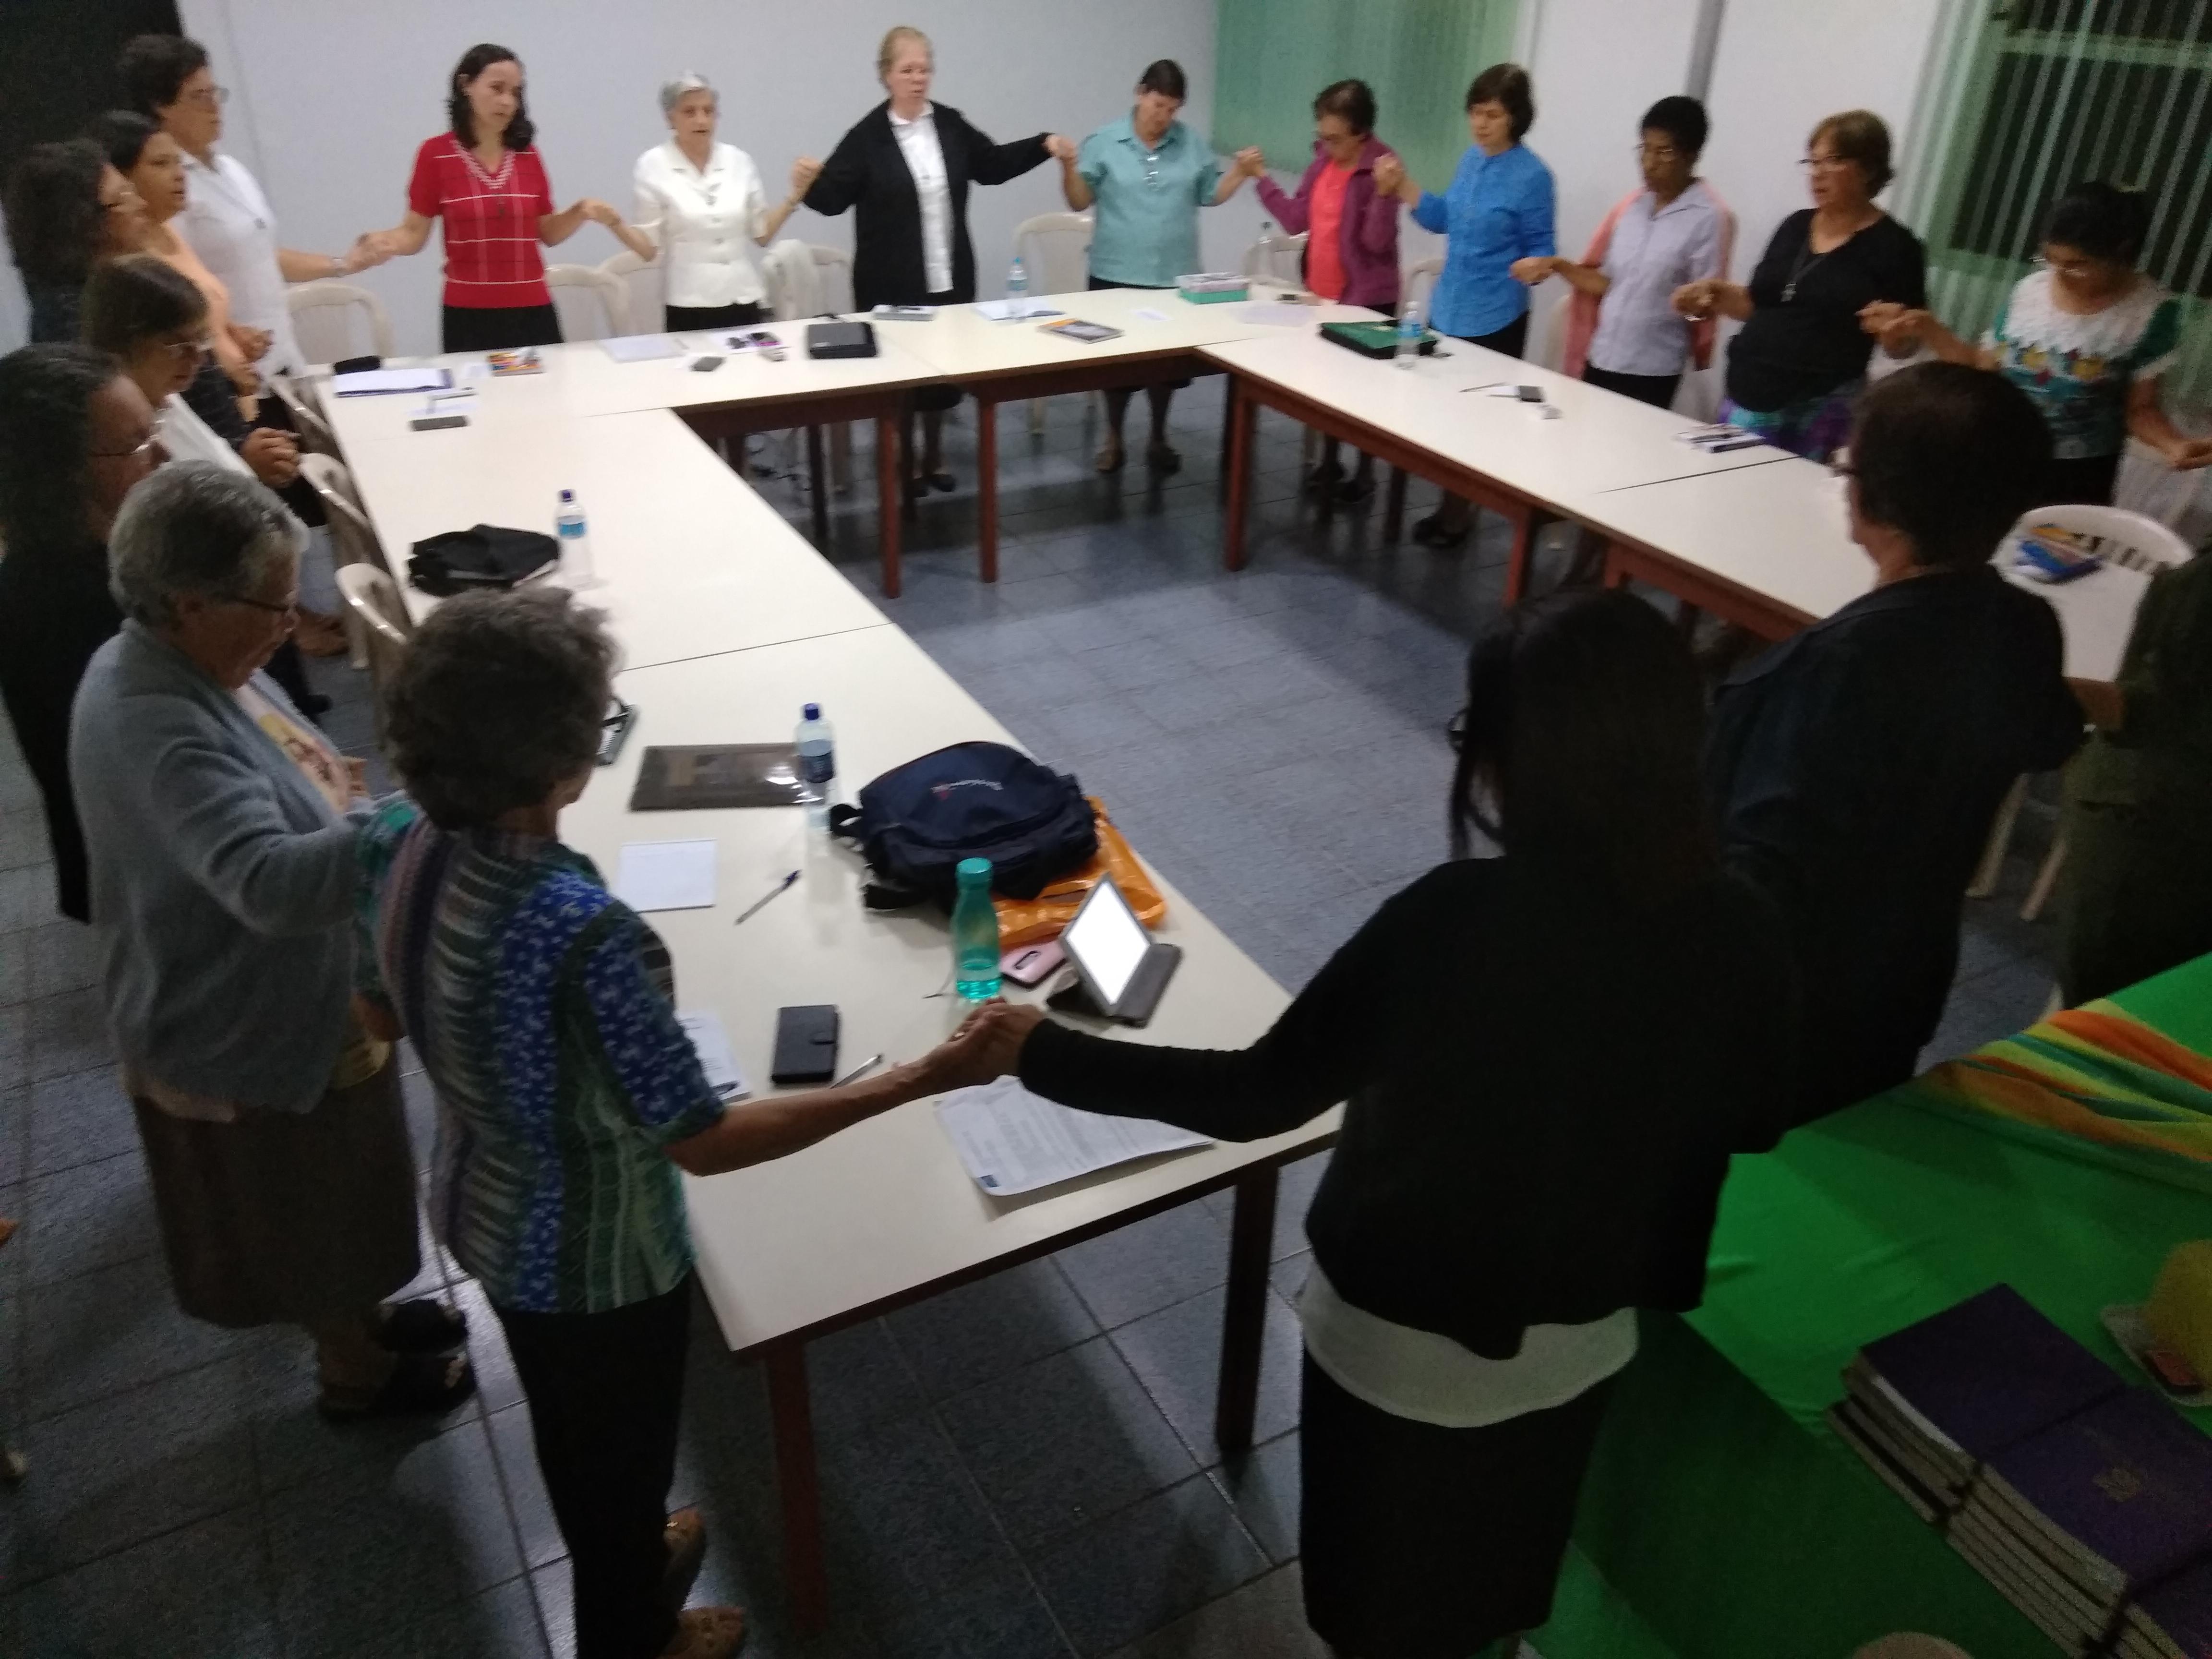 Instituto Passionista de Educação em assembléia